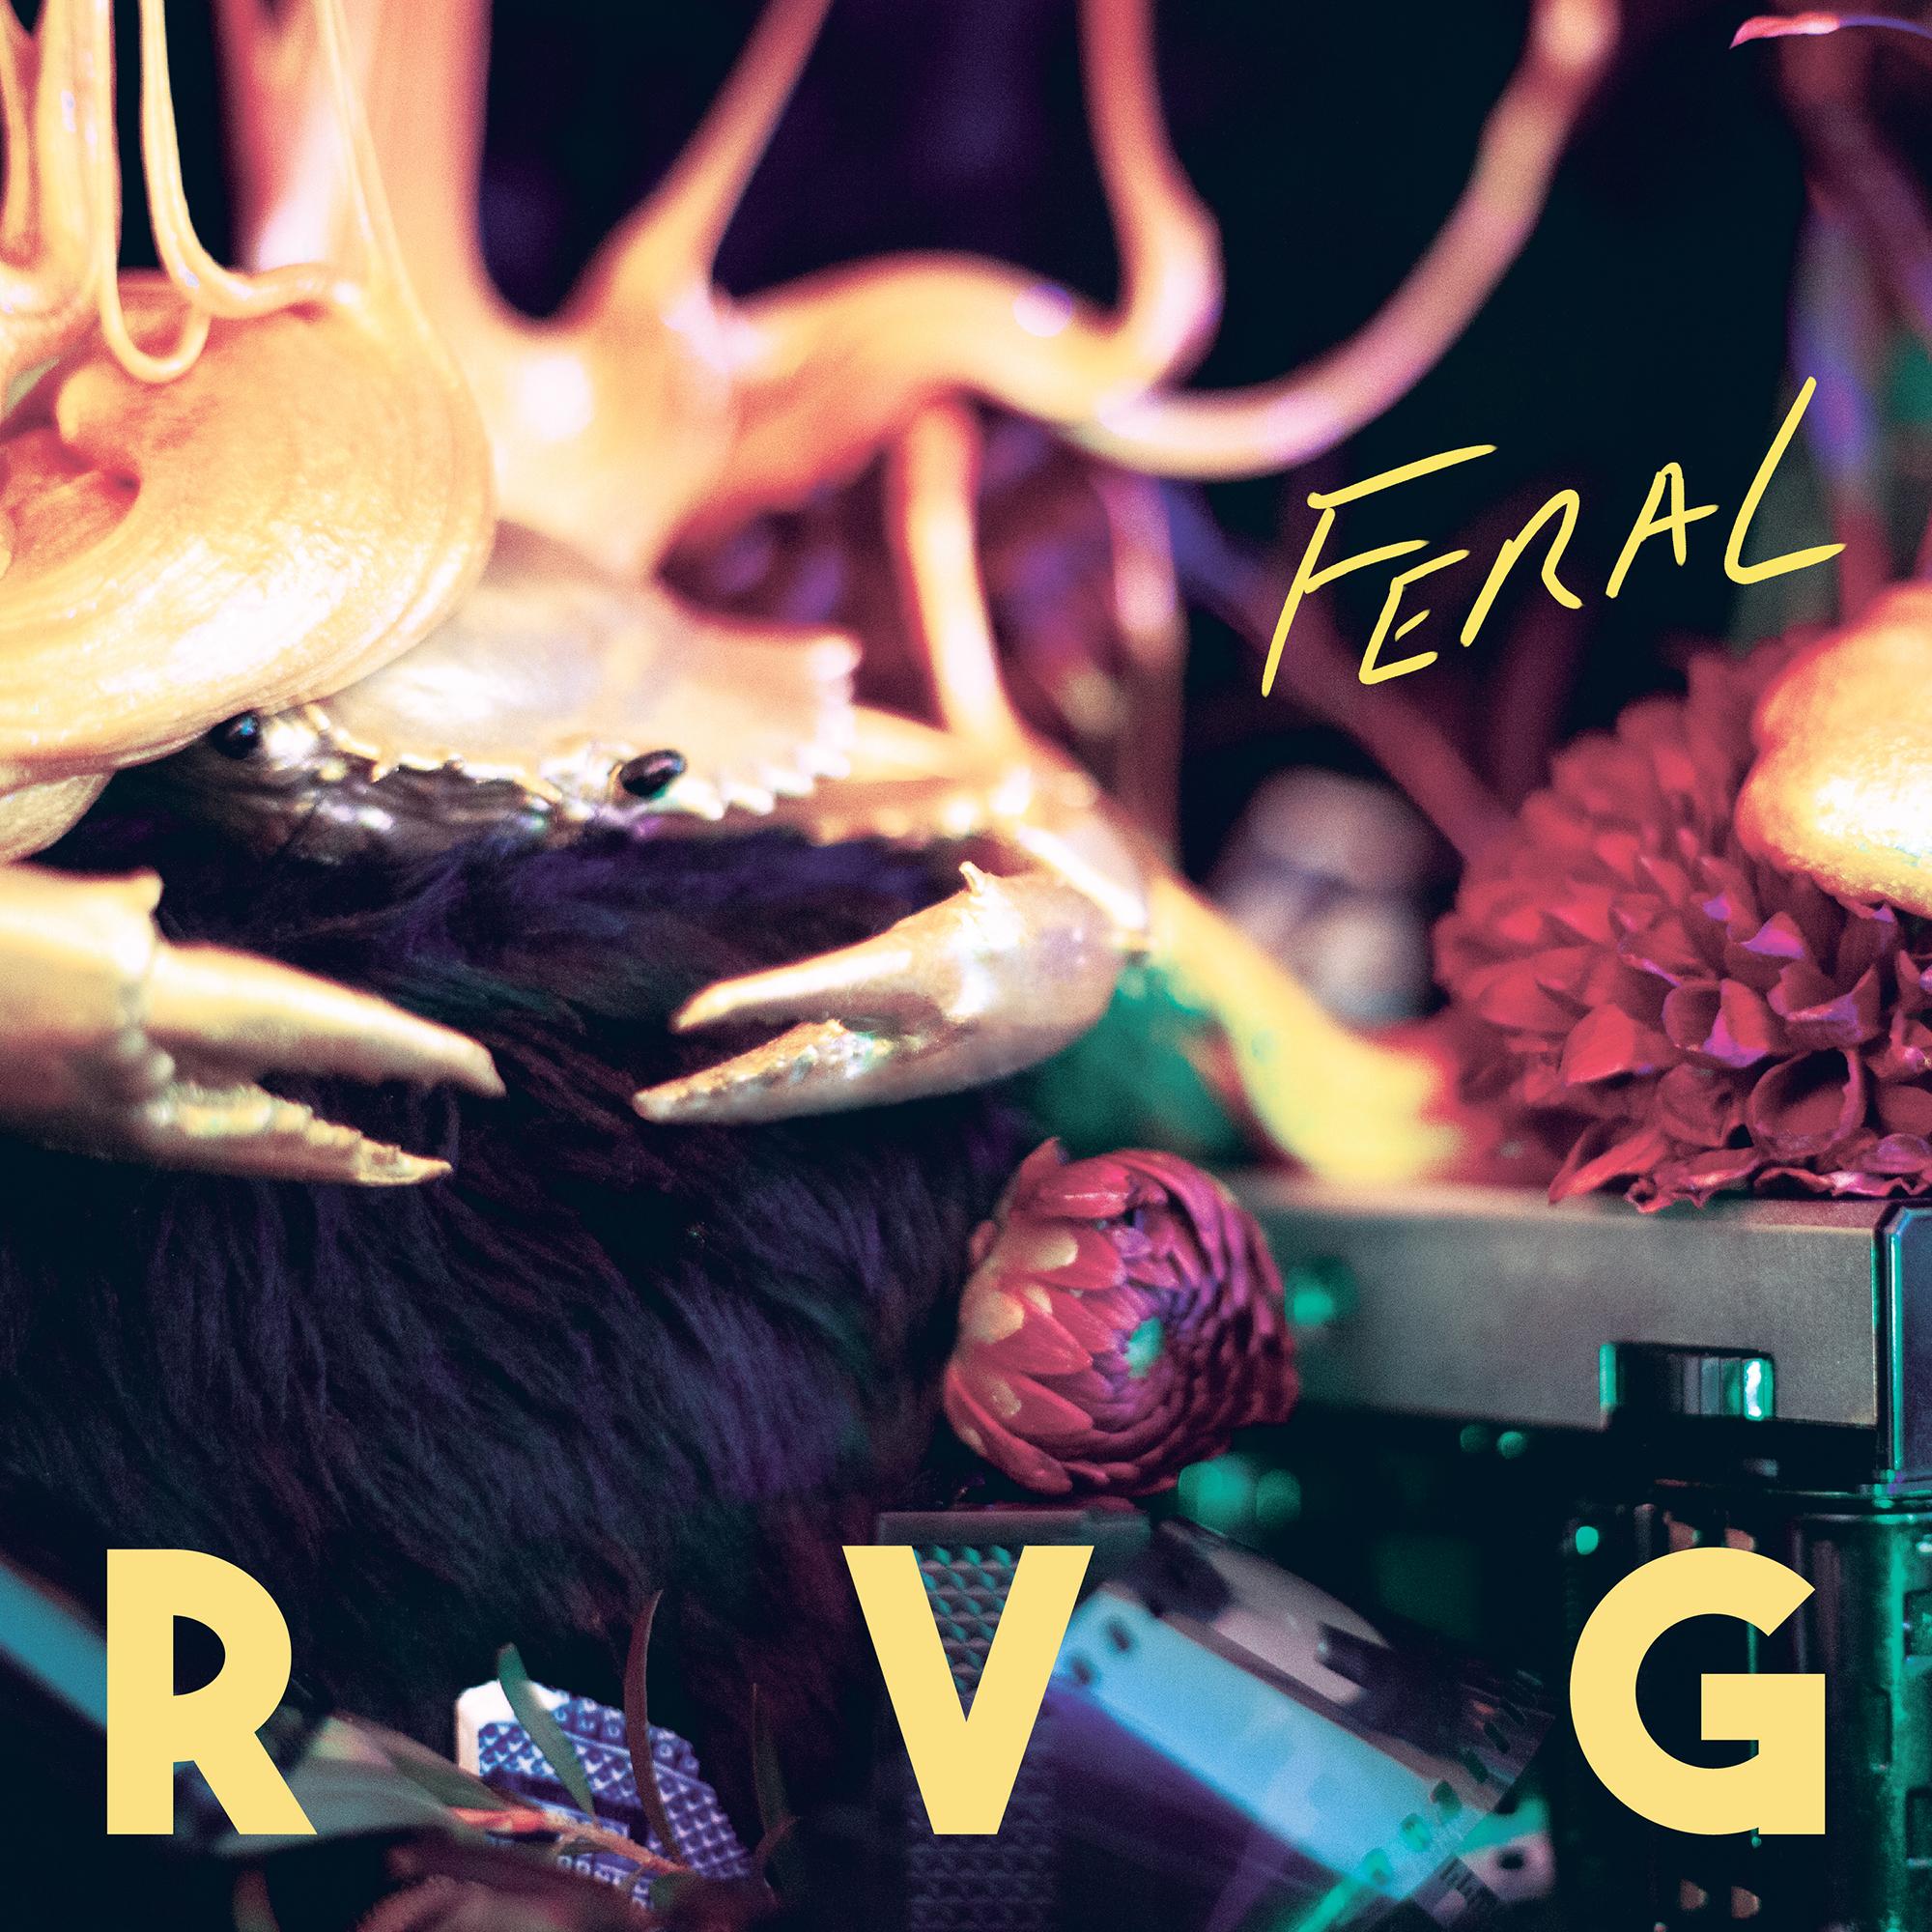 RVG album cover for second studio album Feral